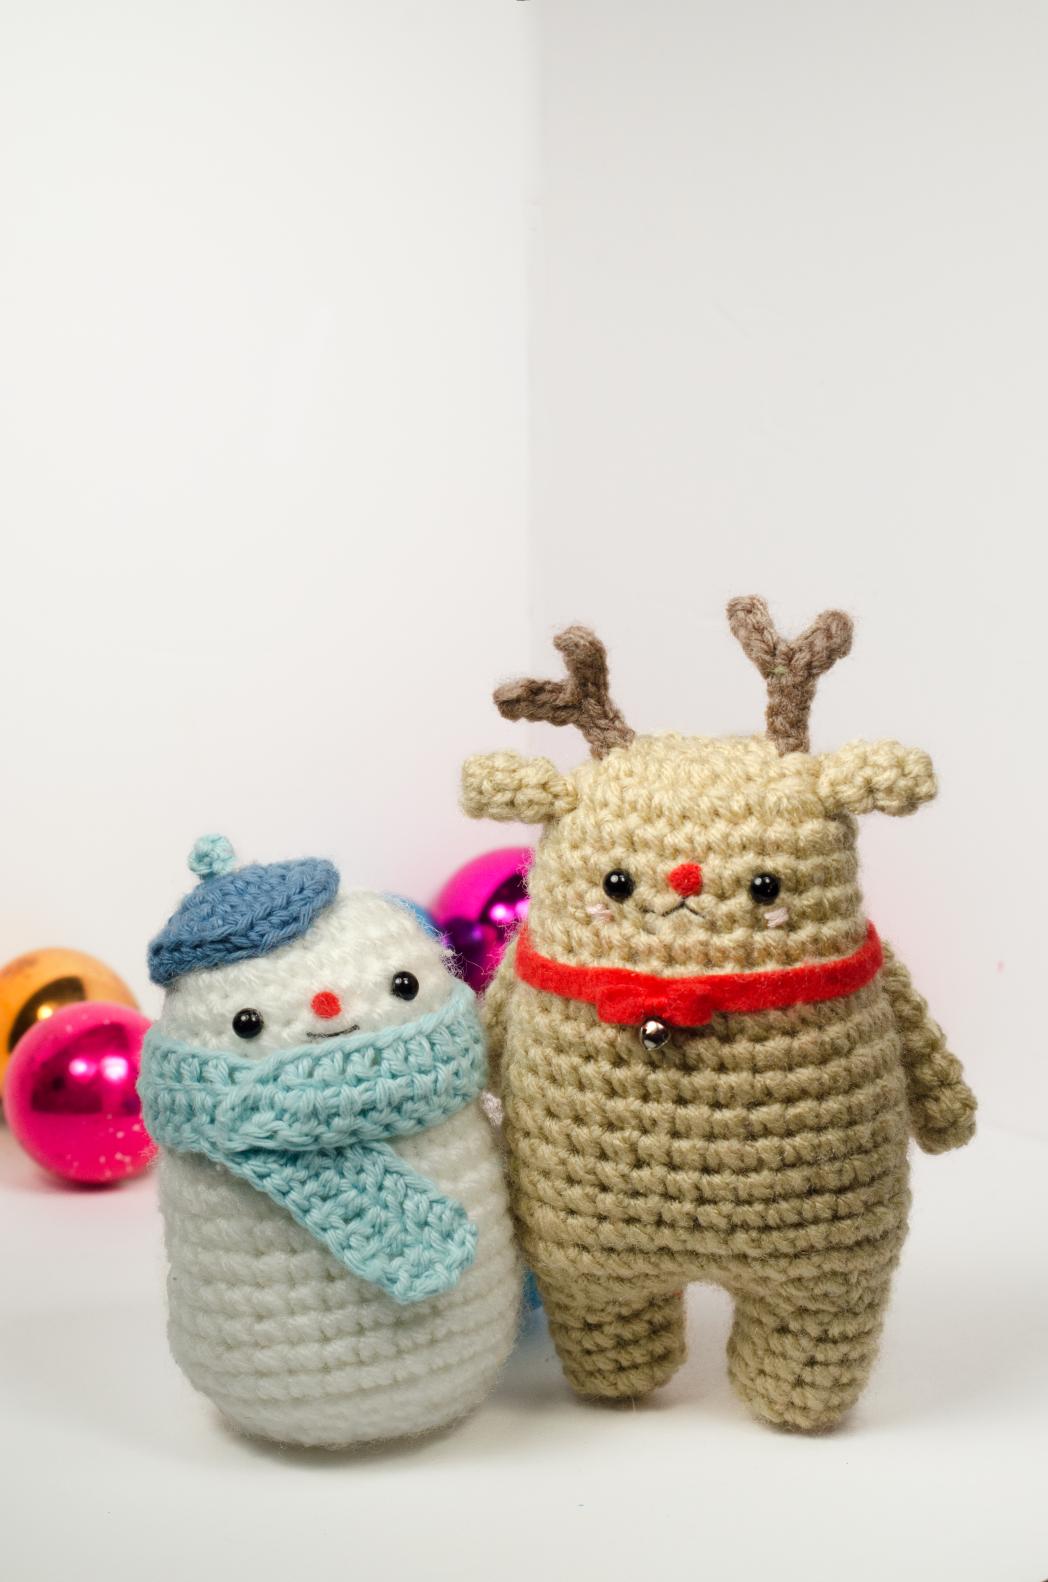 Crochet Reindeer | Red Heart Patterns from Bloggers | Pinterest ...